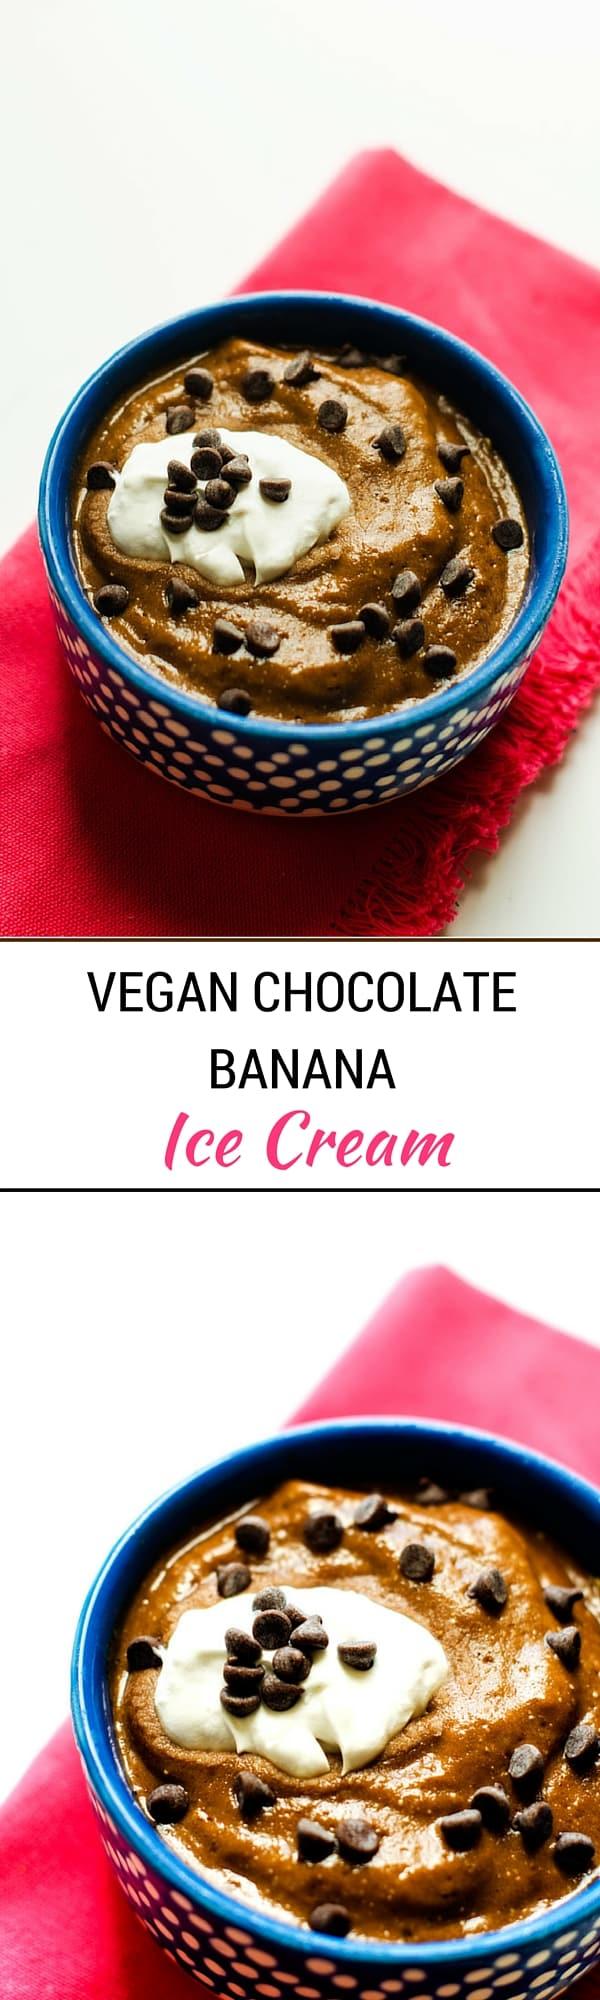 Vegan & Gluten Free Chocolate Banana Ice Cream